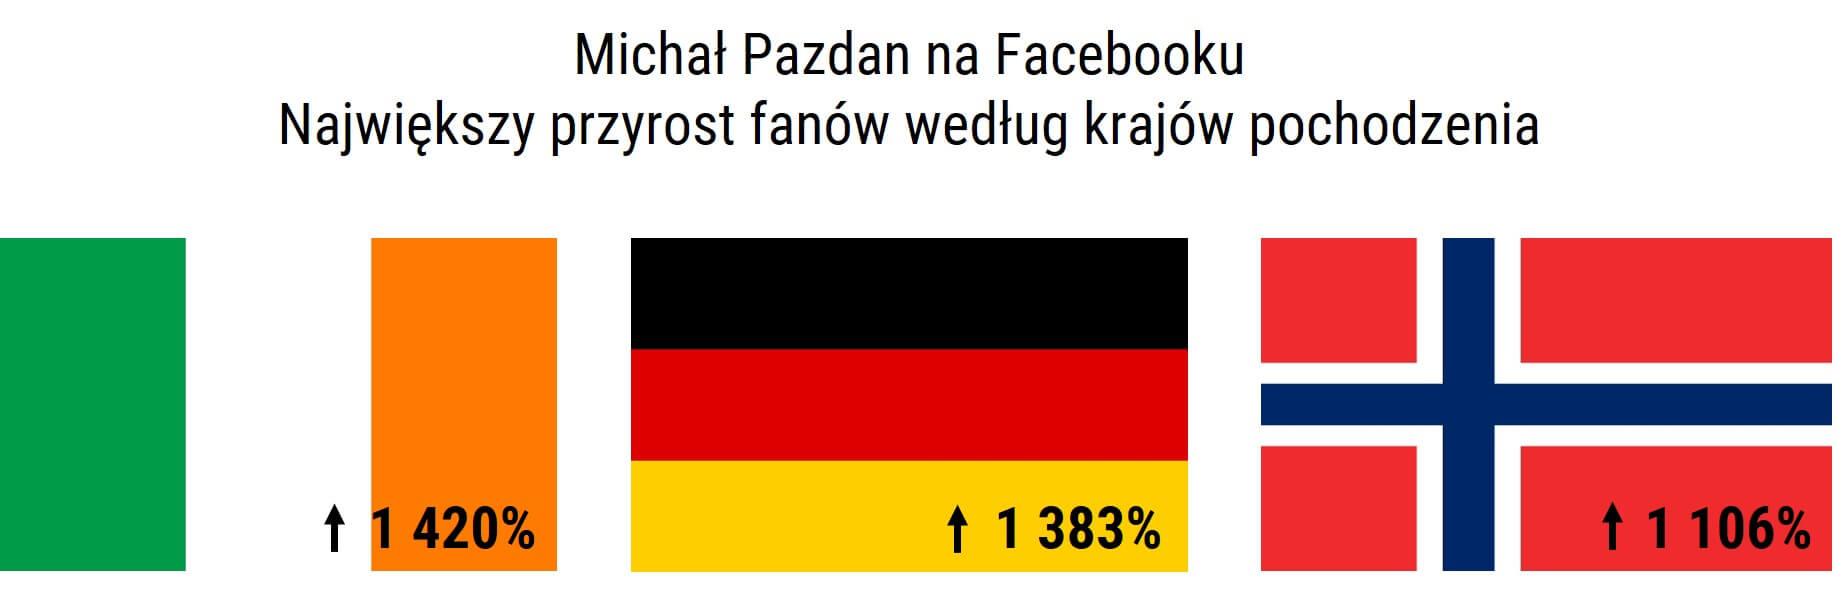 najwiekszy przyrost fanow wedlug krajow pochodzenia_Michal Pazdan na Facebooku_dane NapoleonCat